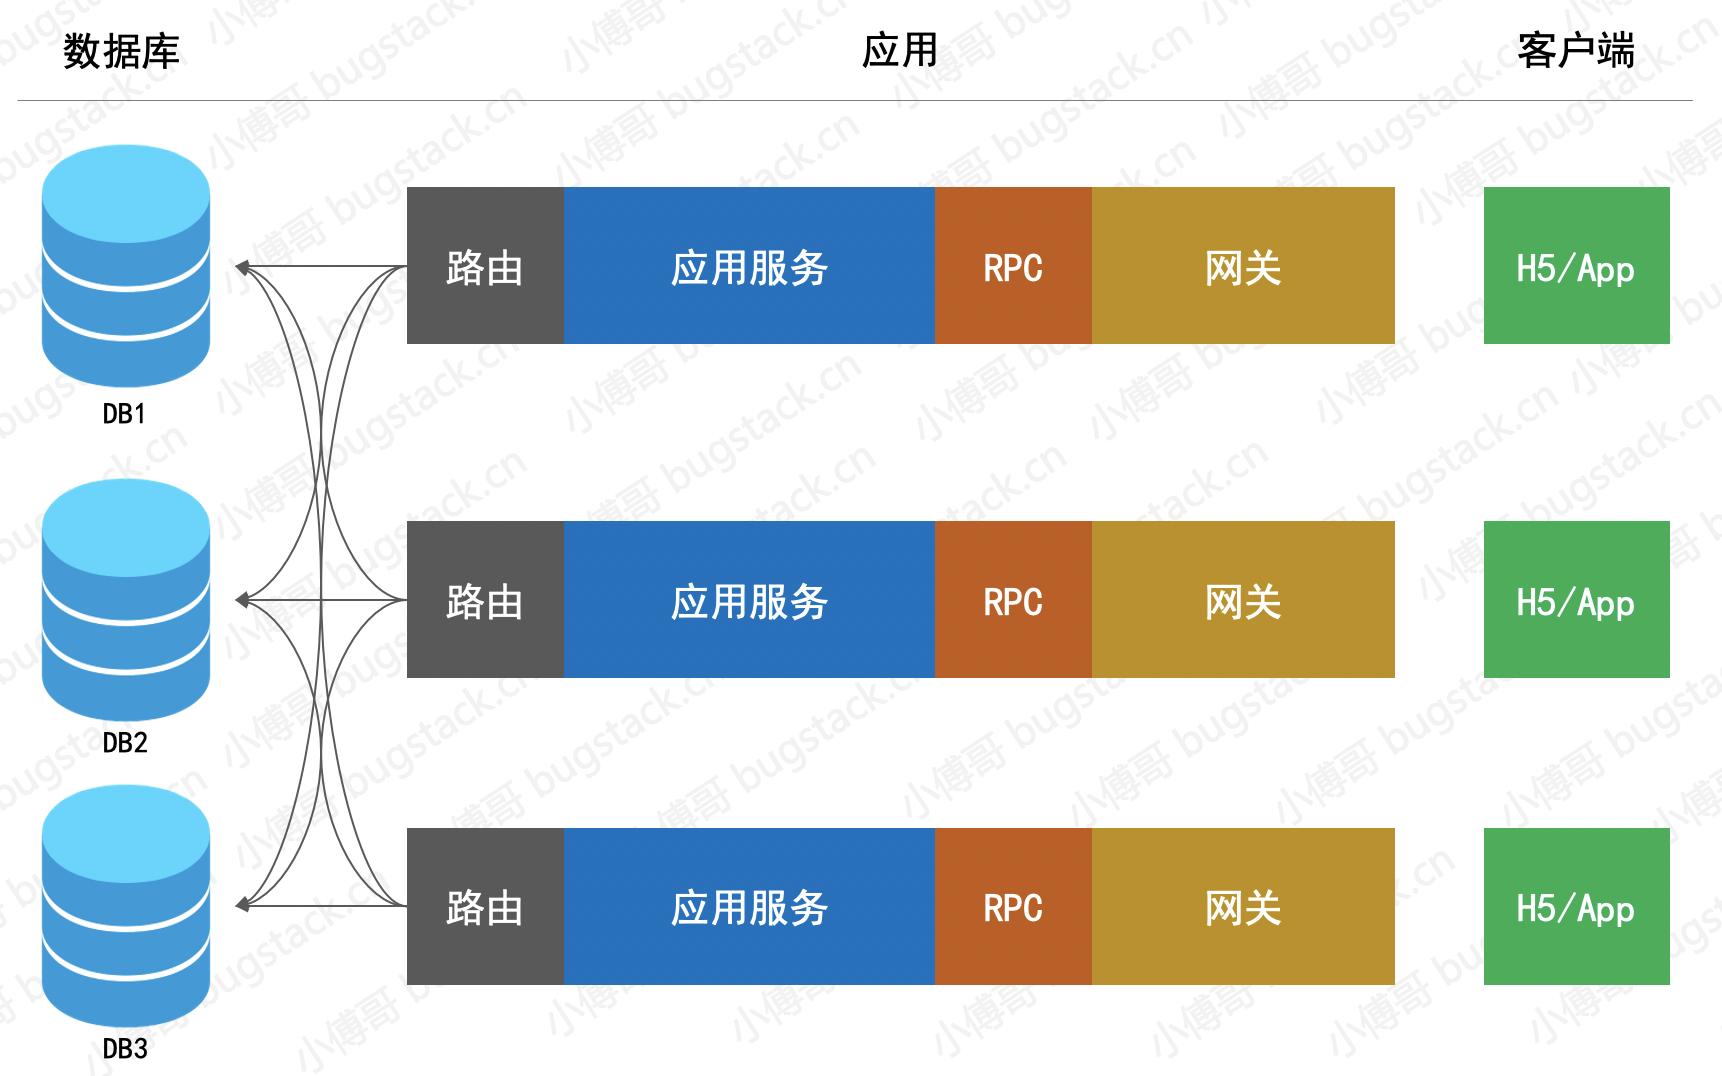 图 14-1 分布式简化的应用部署